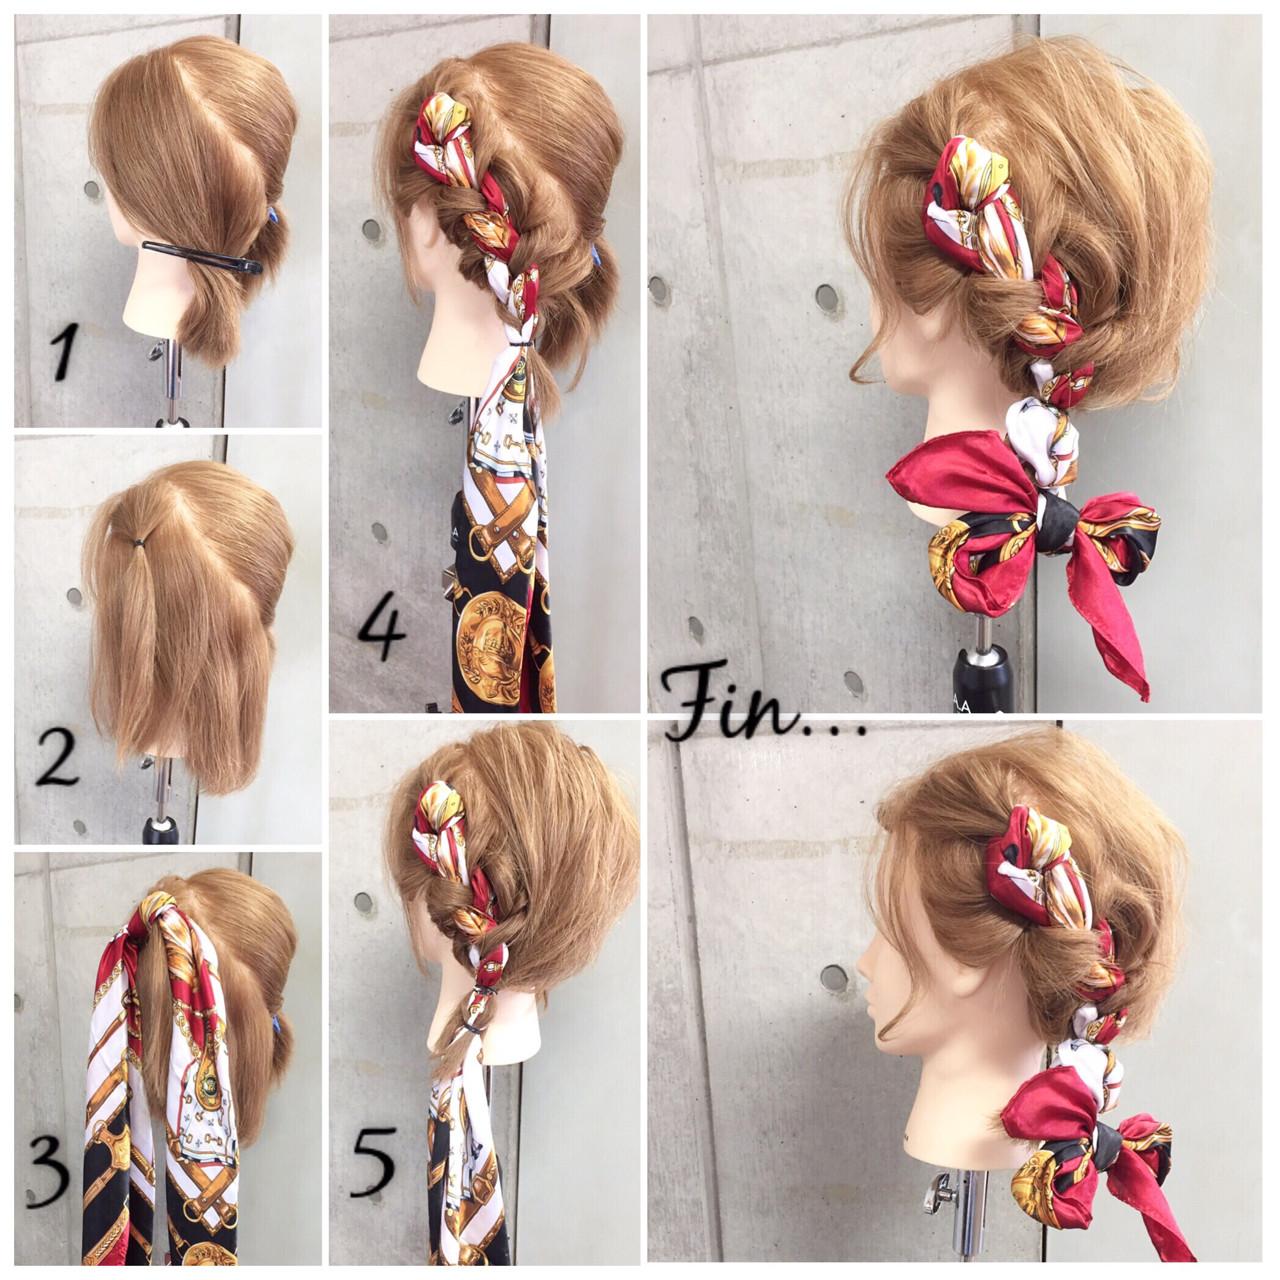 ショート ボブ 簡単ヘアアレンジ ヘアアレンジ ヘアスタイルや髪型の写真・画像